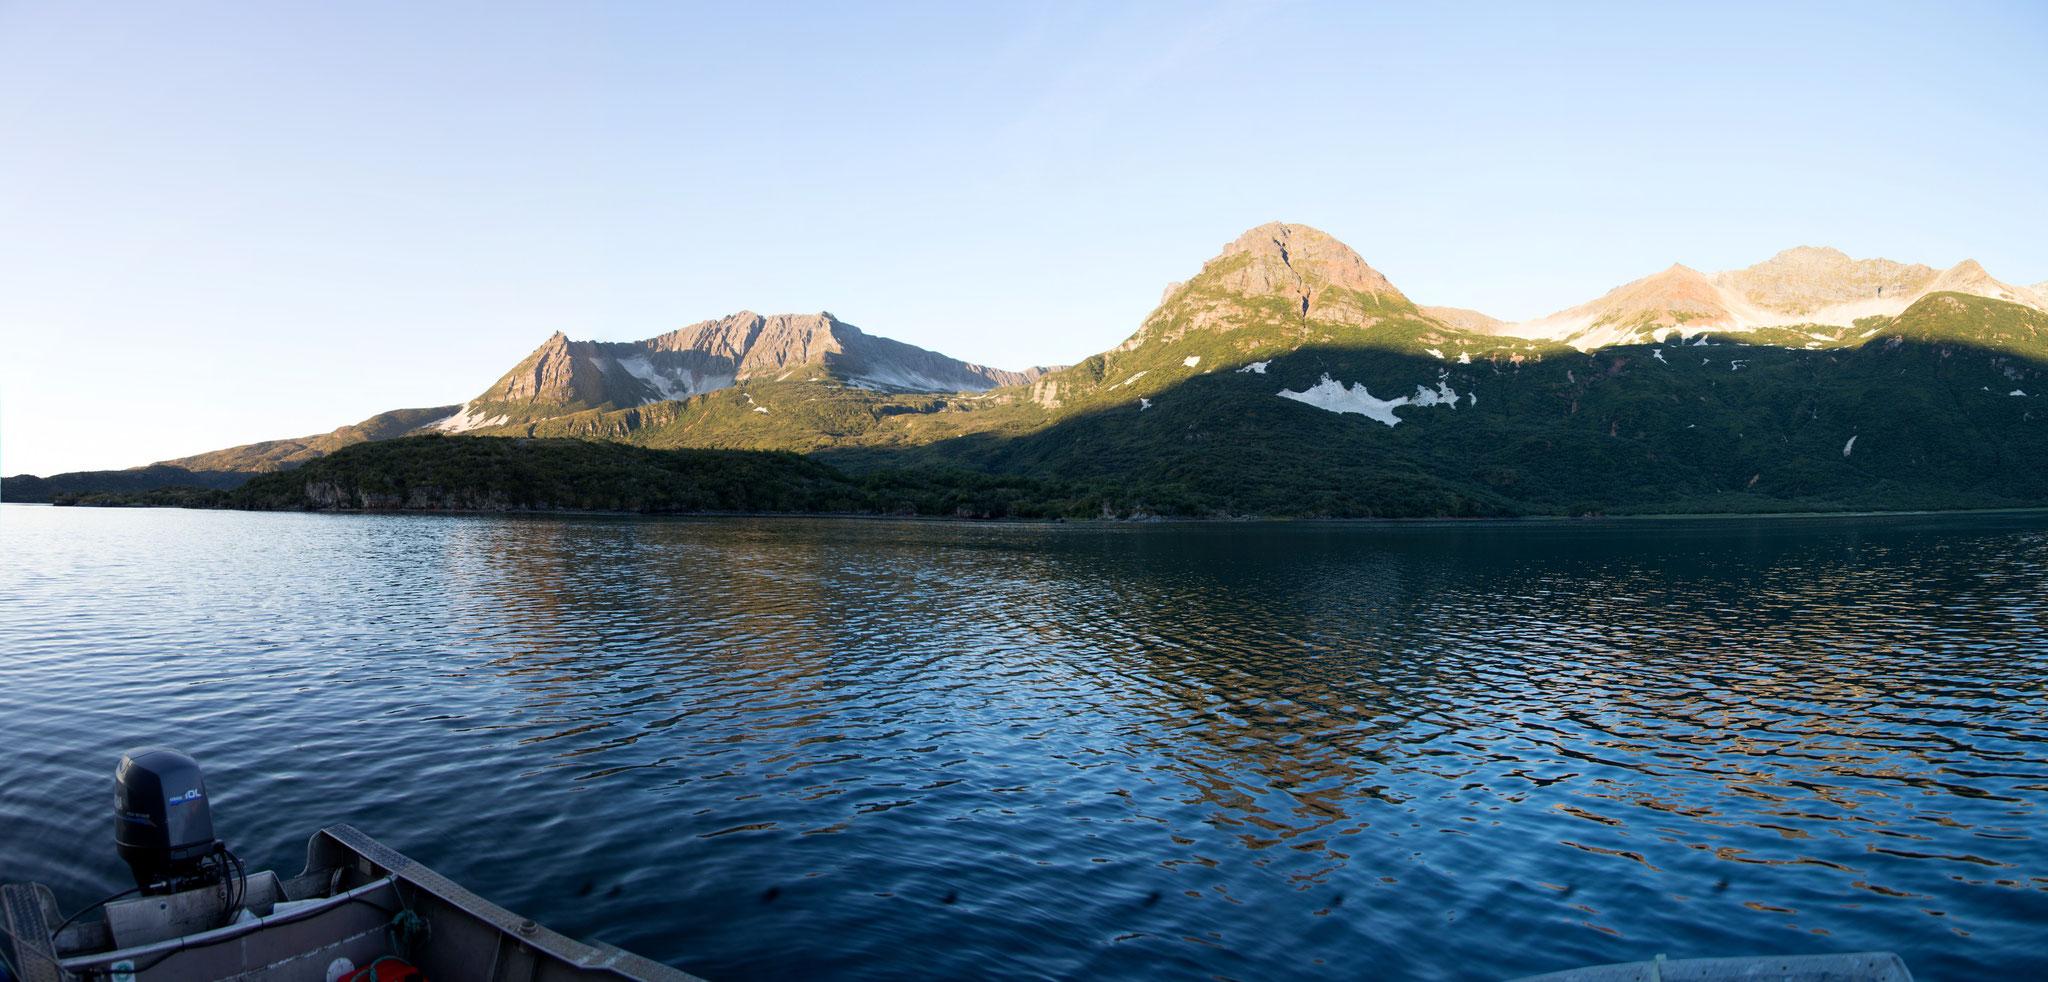 A Bay in Alaska